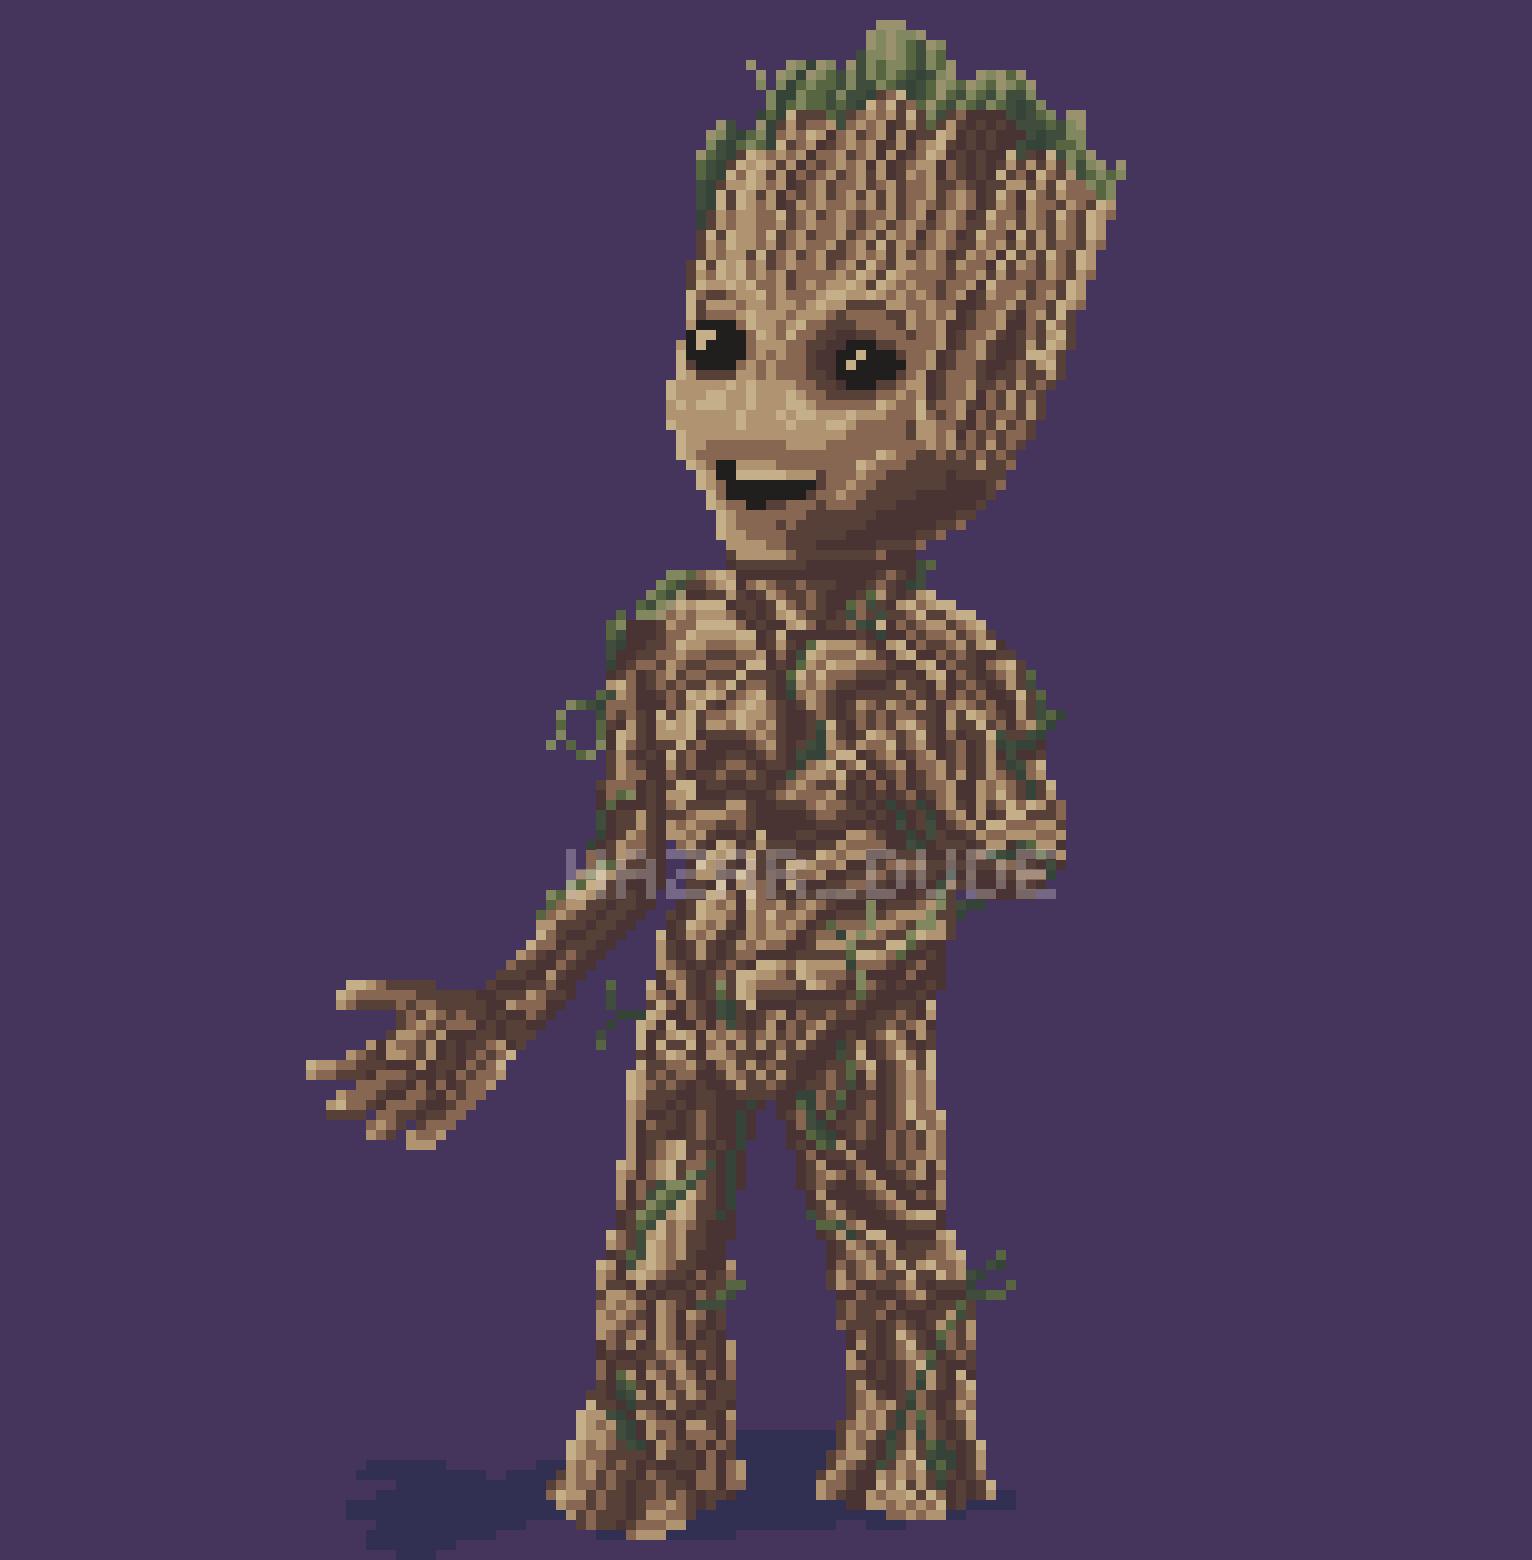 I Am Groot Pixelart Pixel Gaurdians2 Groot Pixel Art